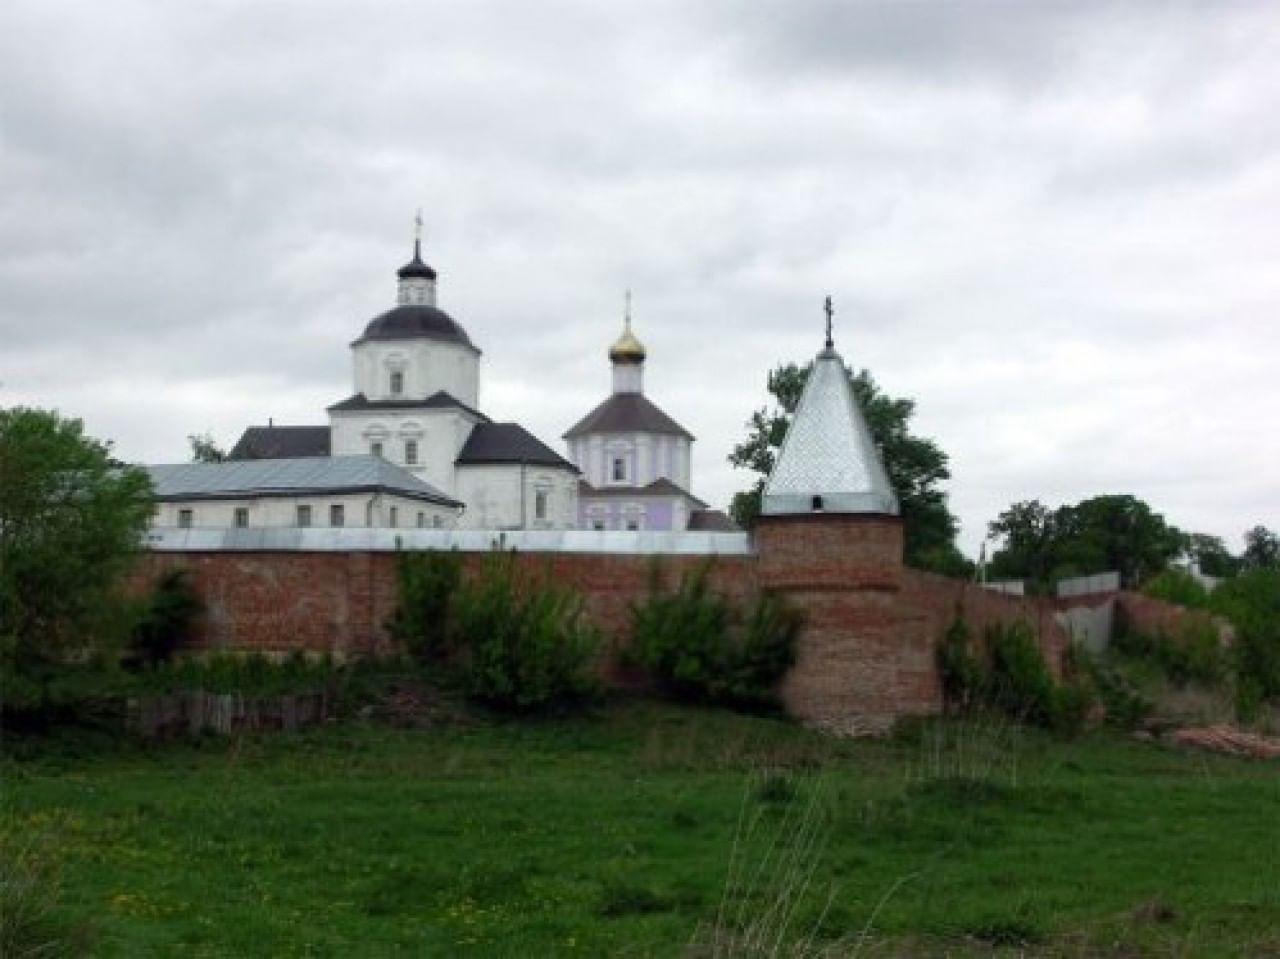 изделия, картинка монастырь рыльск кузнечик описание